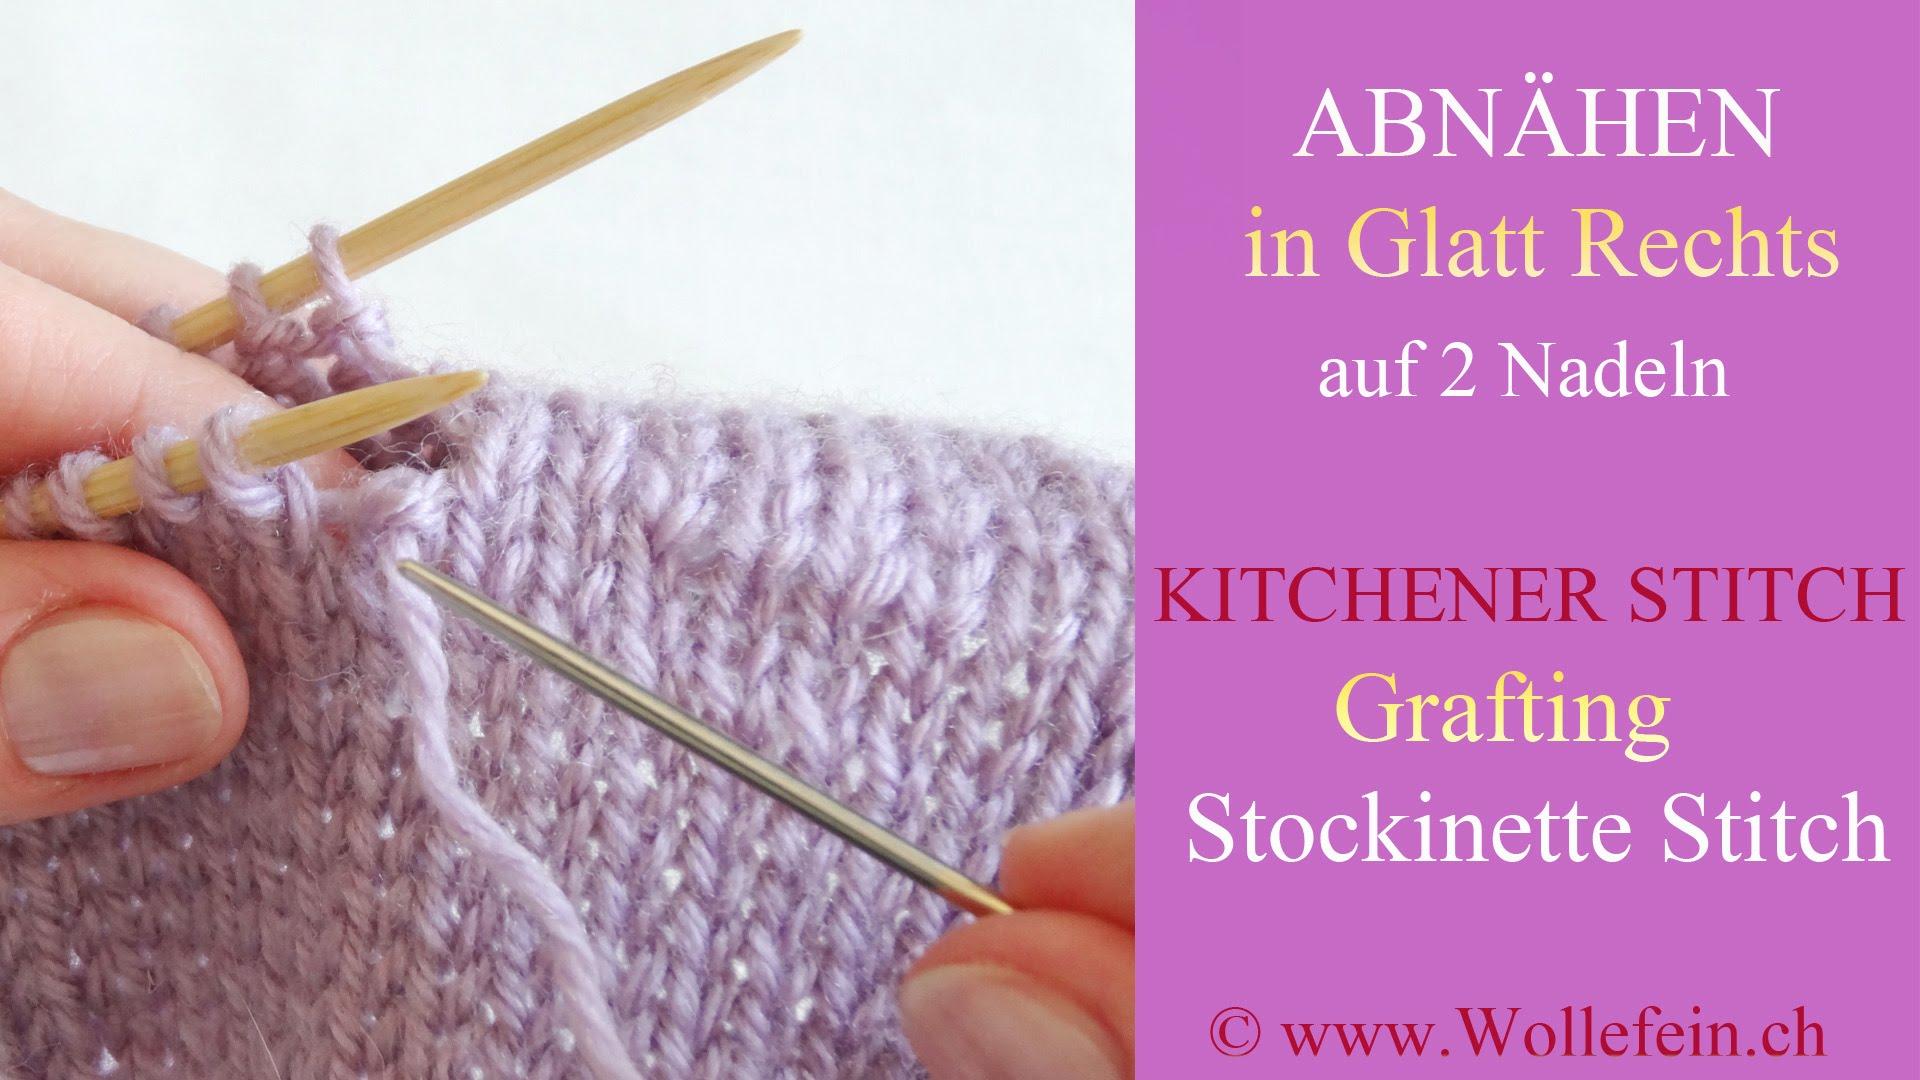 Vernähen Unsichtbar Auf Glatt Rechts Auf Zwei Nadeln – Kitchener Stitch Grafting Stockinette Stitch